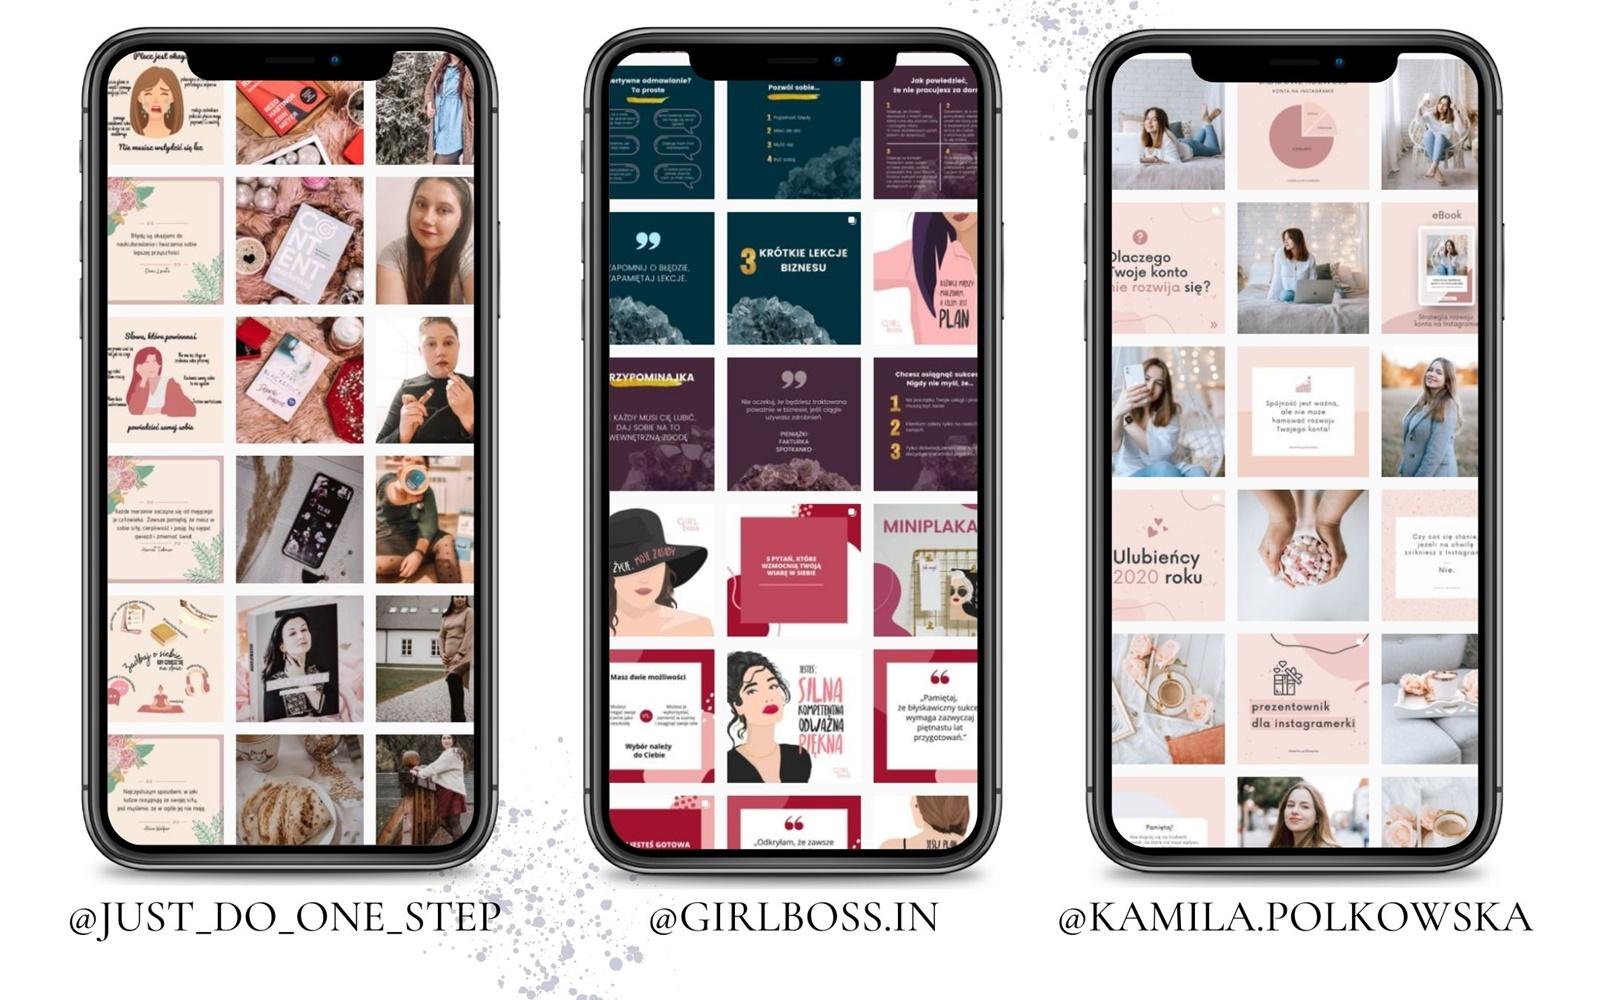 6 przyklady kont biznesowych jak planowac publikacje na instagramie jak obrabiac zdjecia jak zaplanowac spojny feed na profilu na instagramie dla marki bloga blogerki modelki fotografa